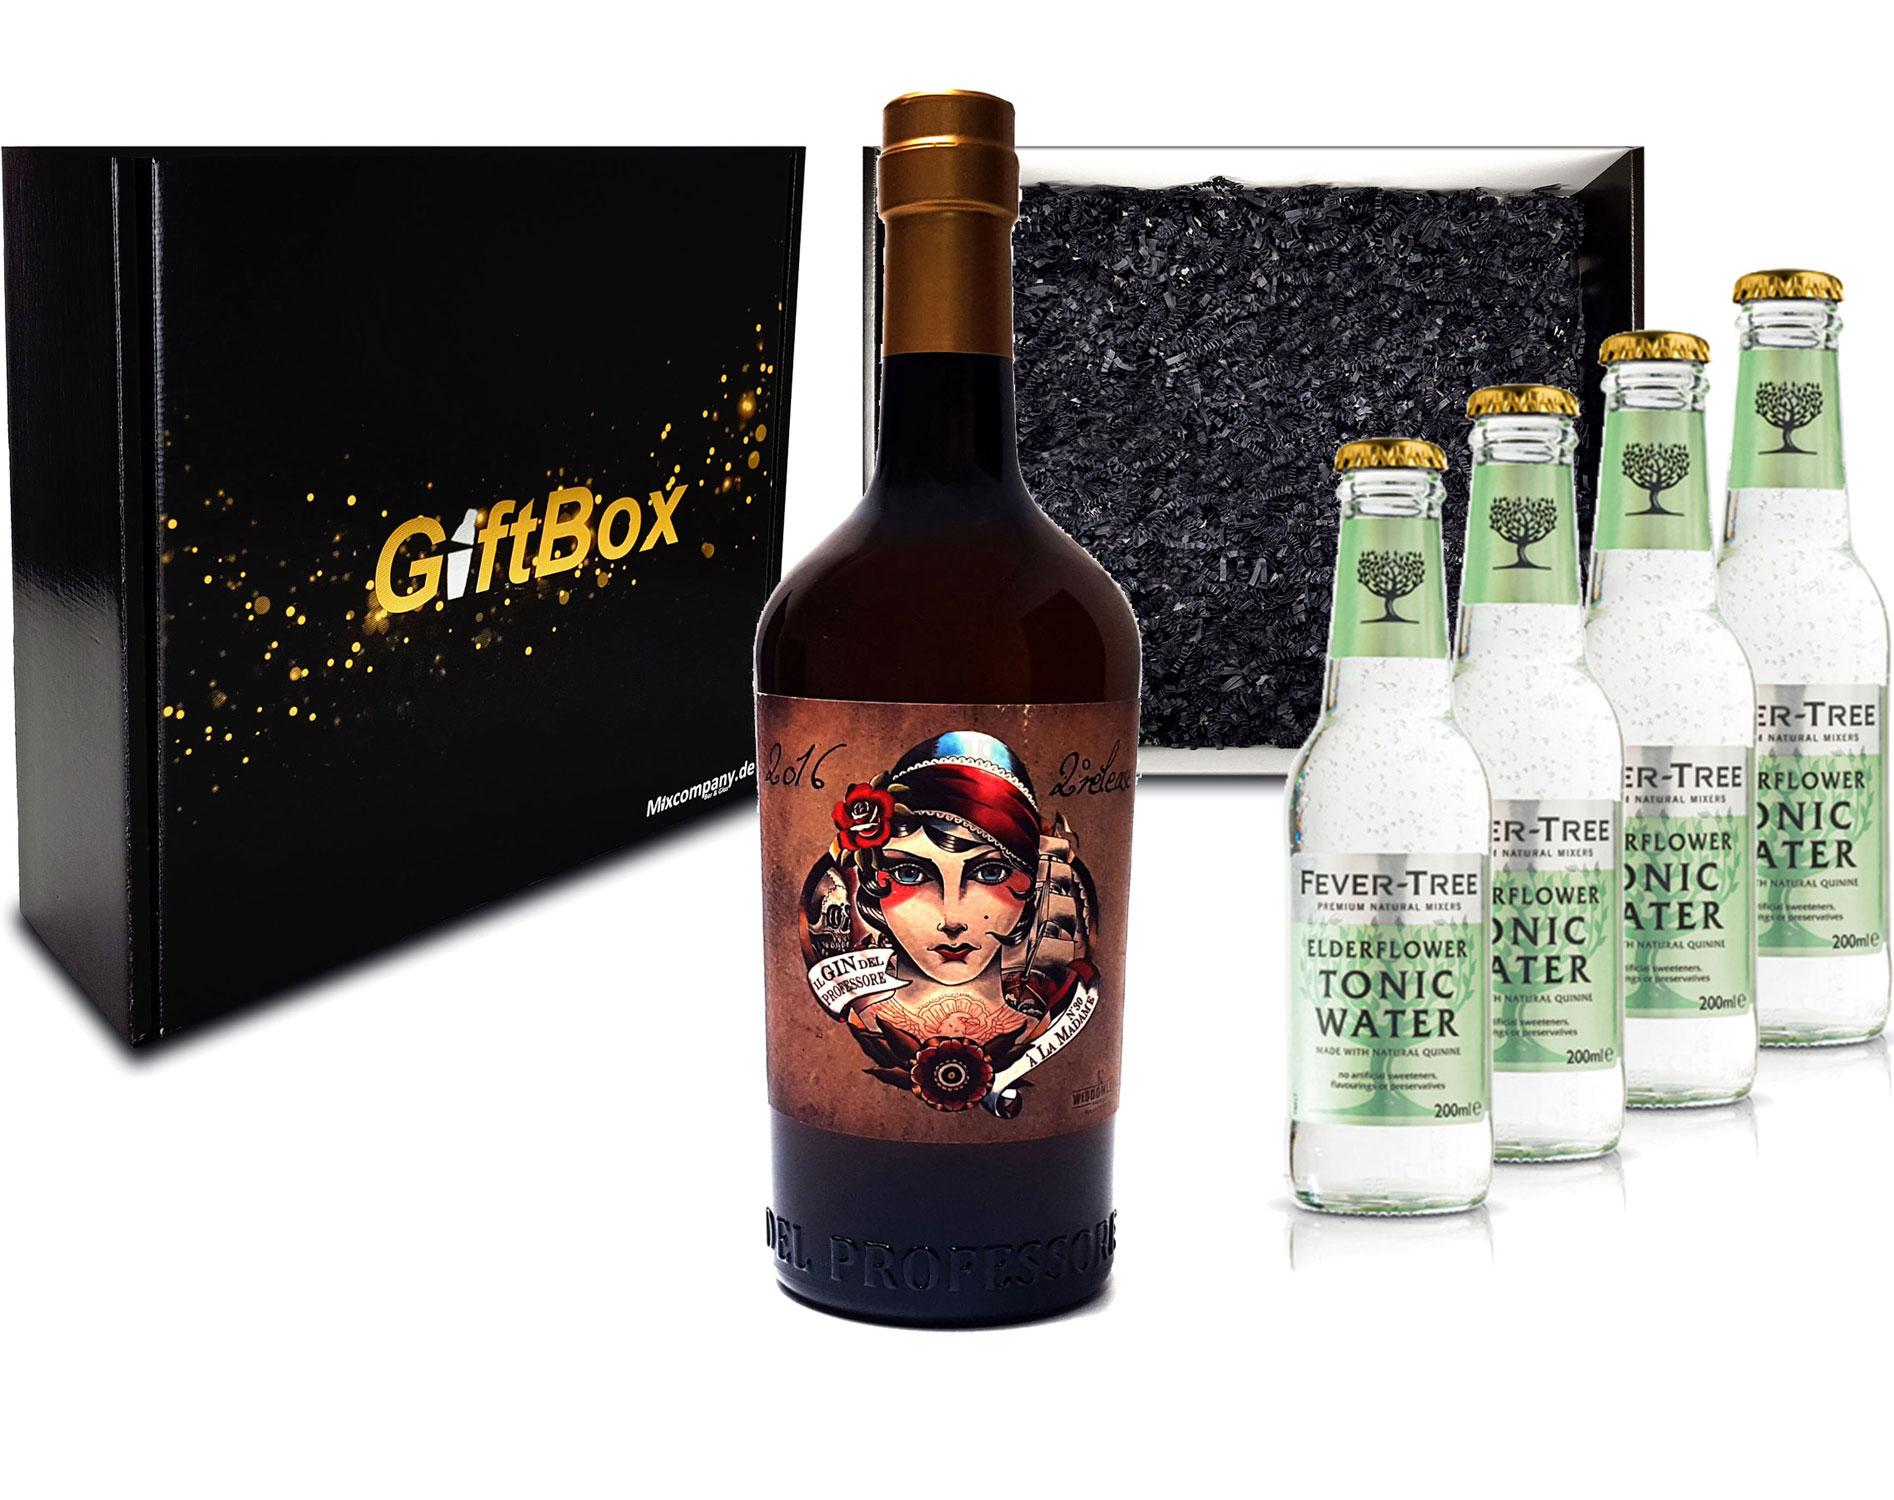 Gin Tonic Giftbox Geschenkset - Gin del Professore Madame 0,7l 700ml (42,9% Vol) + 4x Fever Tree Elderflower Water 200ml inkl. Pfand MEHRWEG - [Enthält Sulfite]